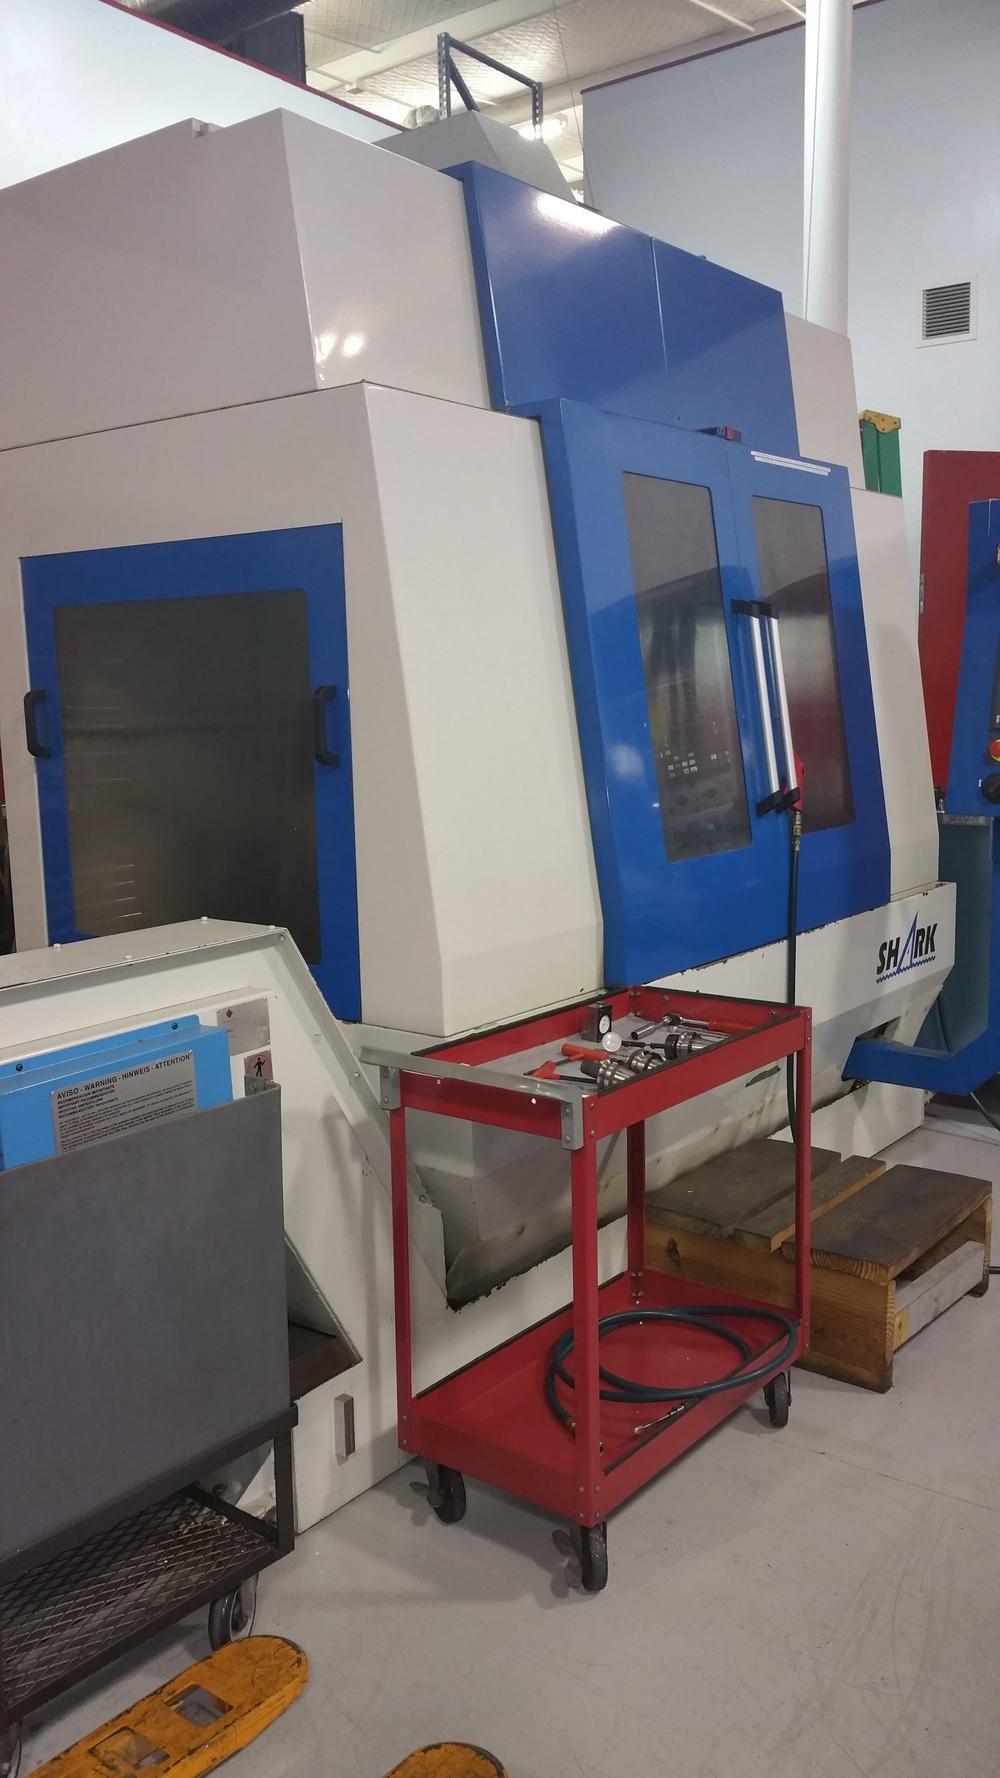 Machine Shop Part IV